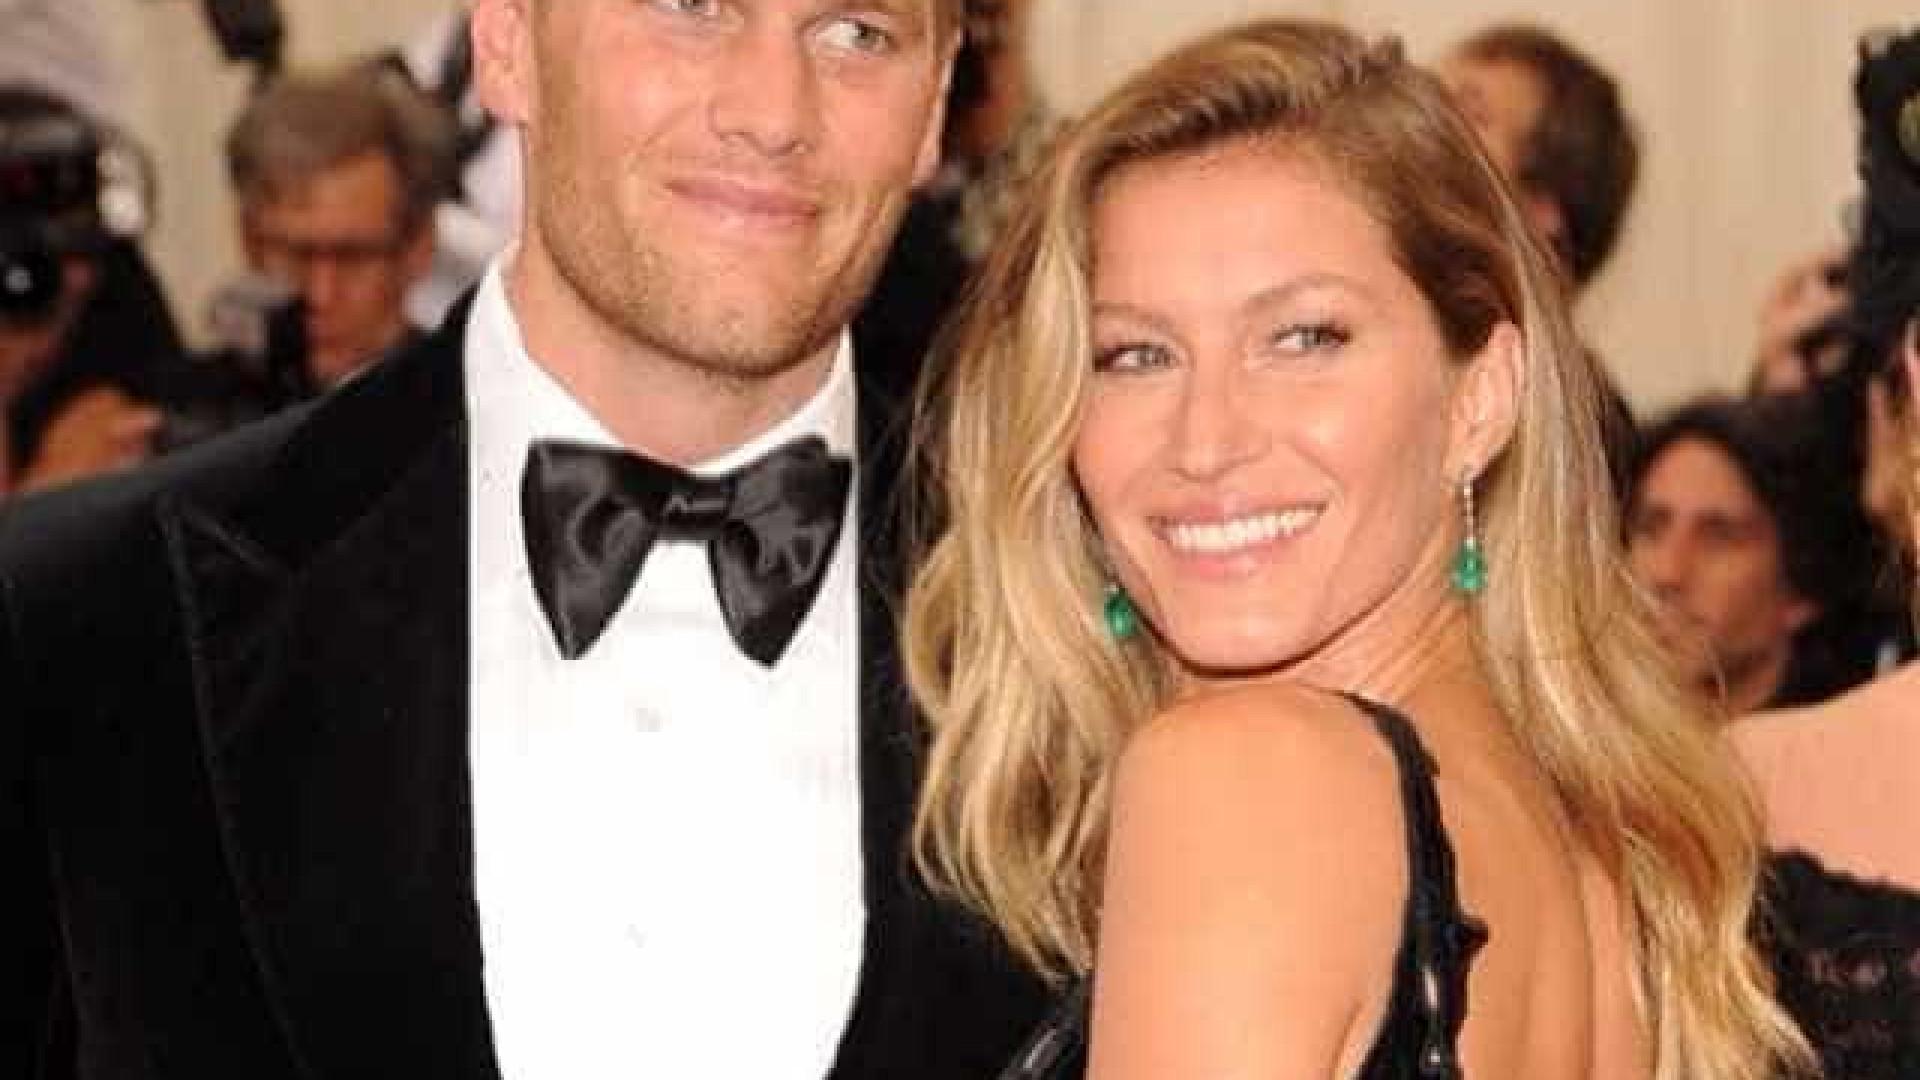 Foi assim que Gisele Bündchen foi pedida em casamento por Tom Brady